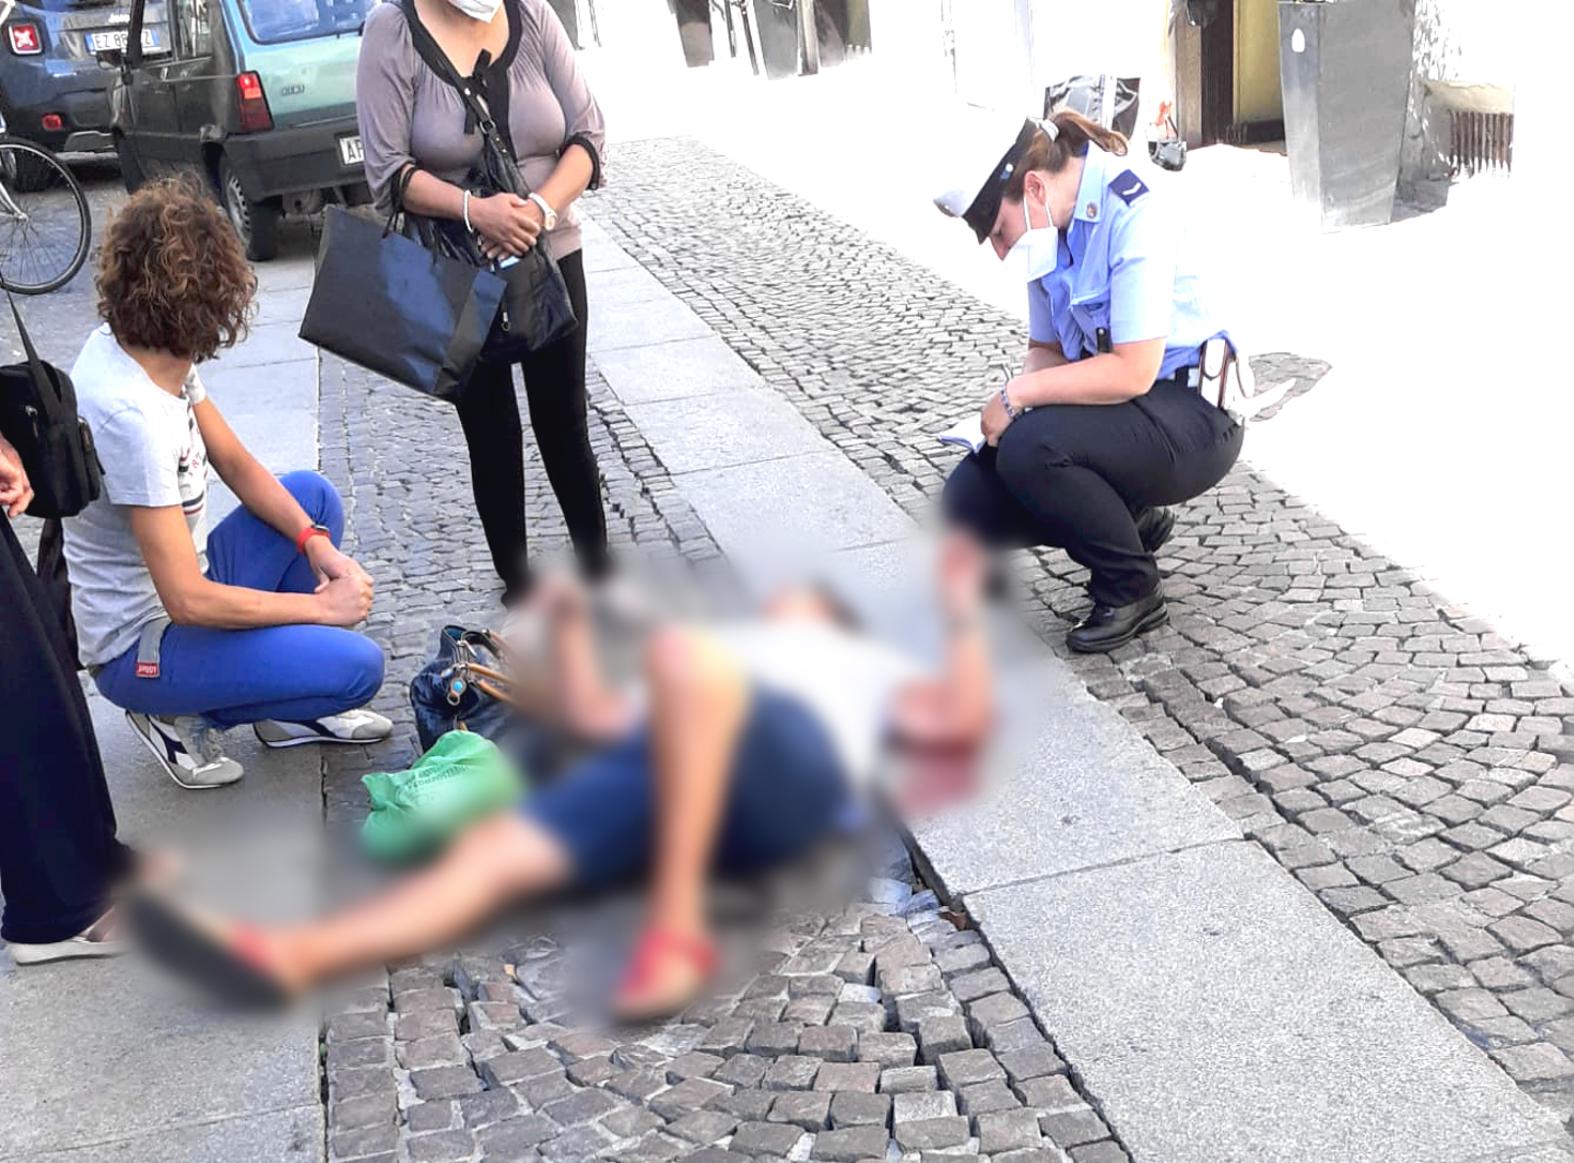 L'appello di via Roma: «Chiudete quella buca assassina!»